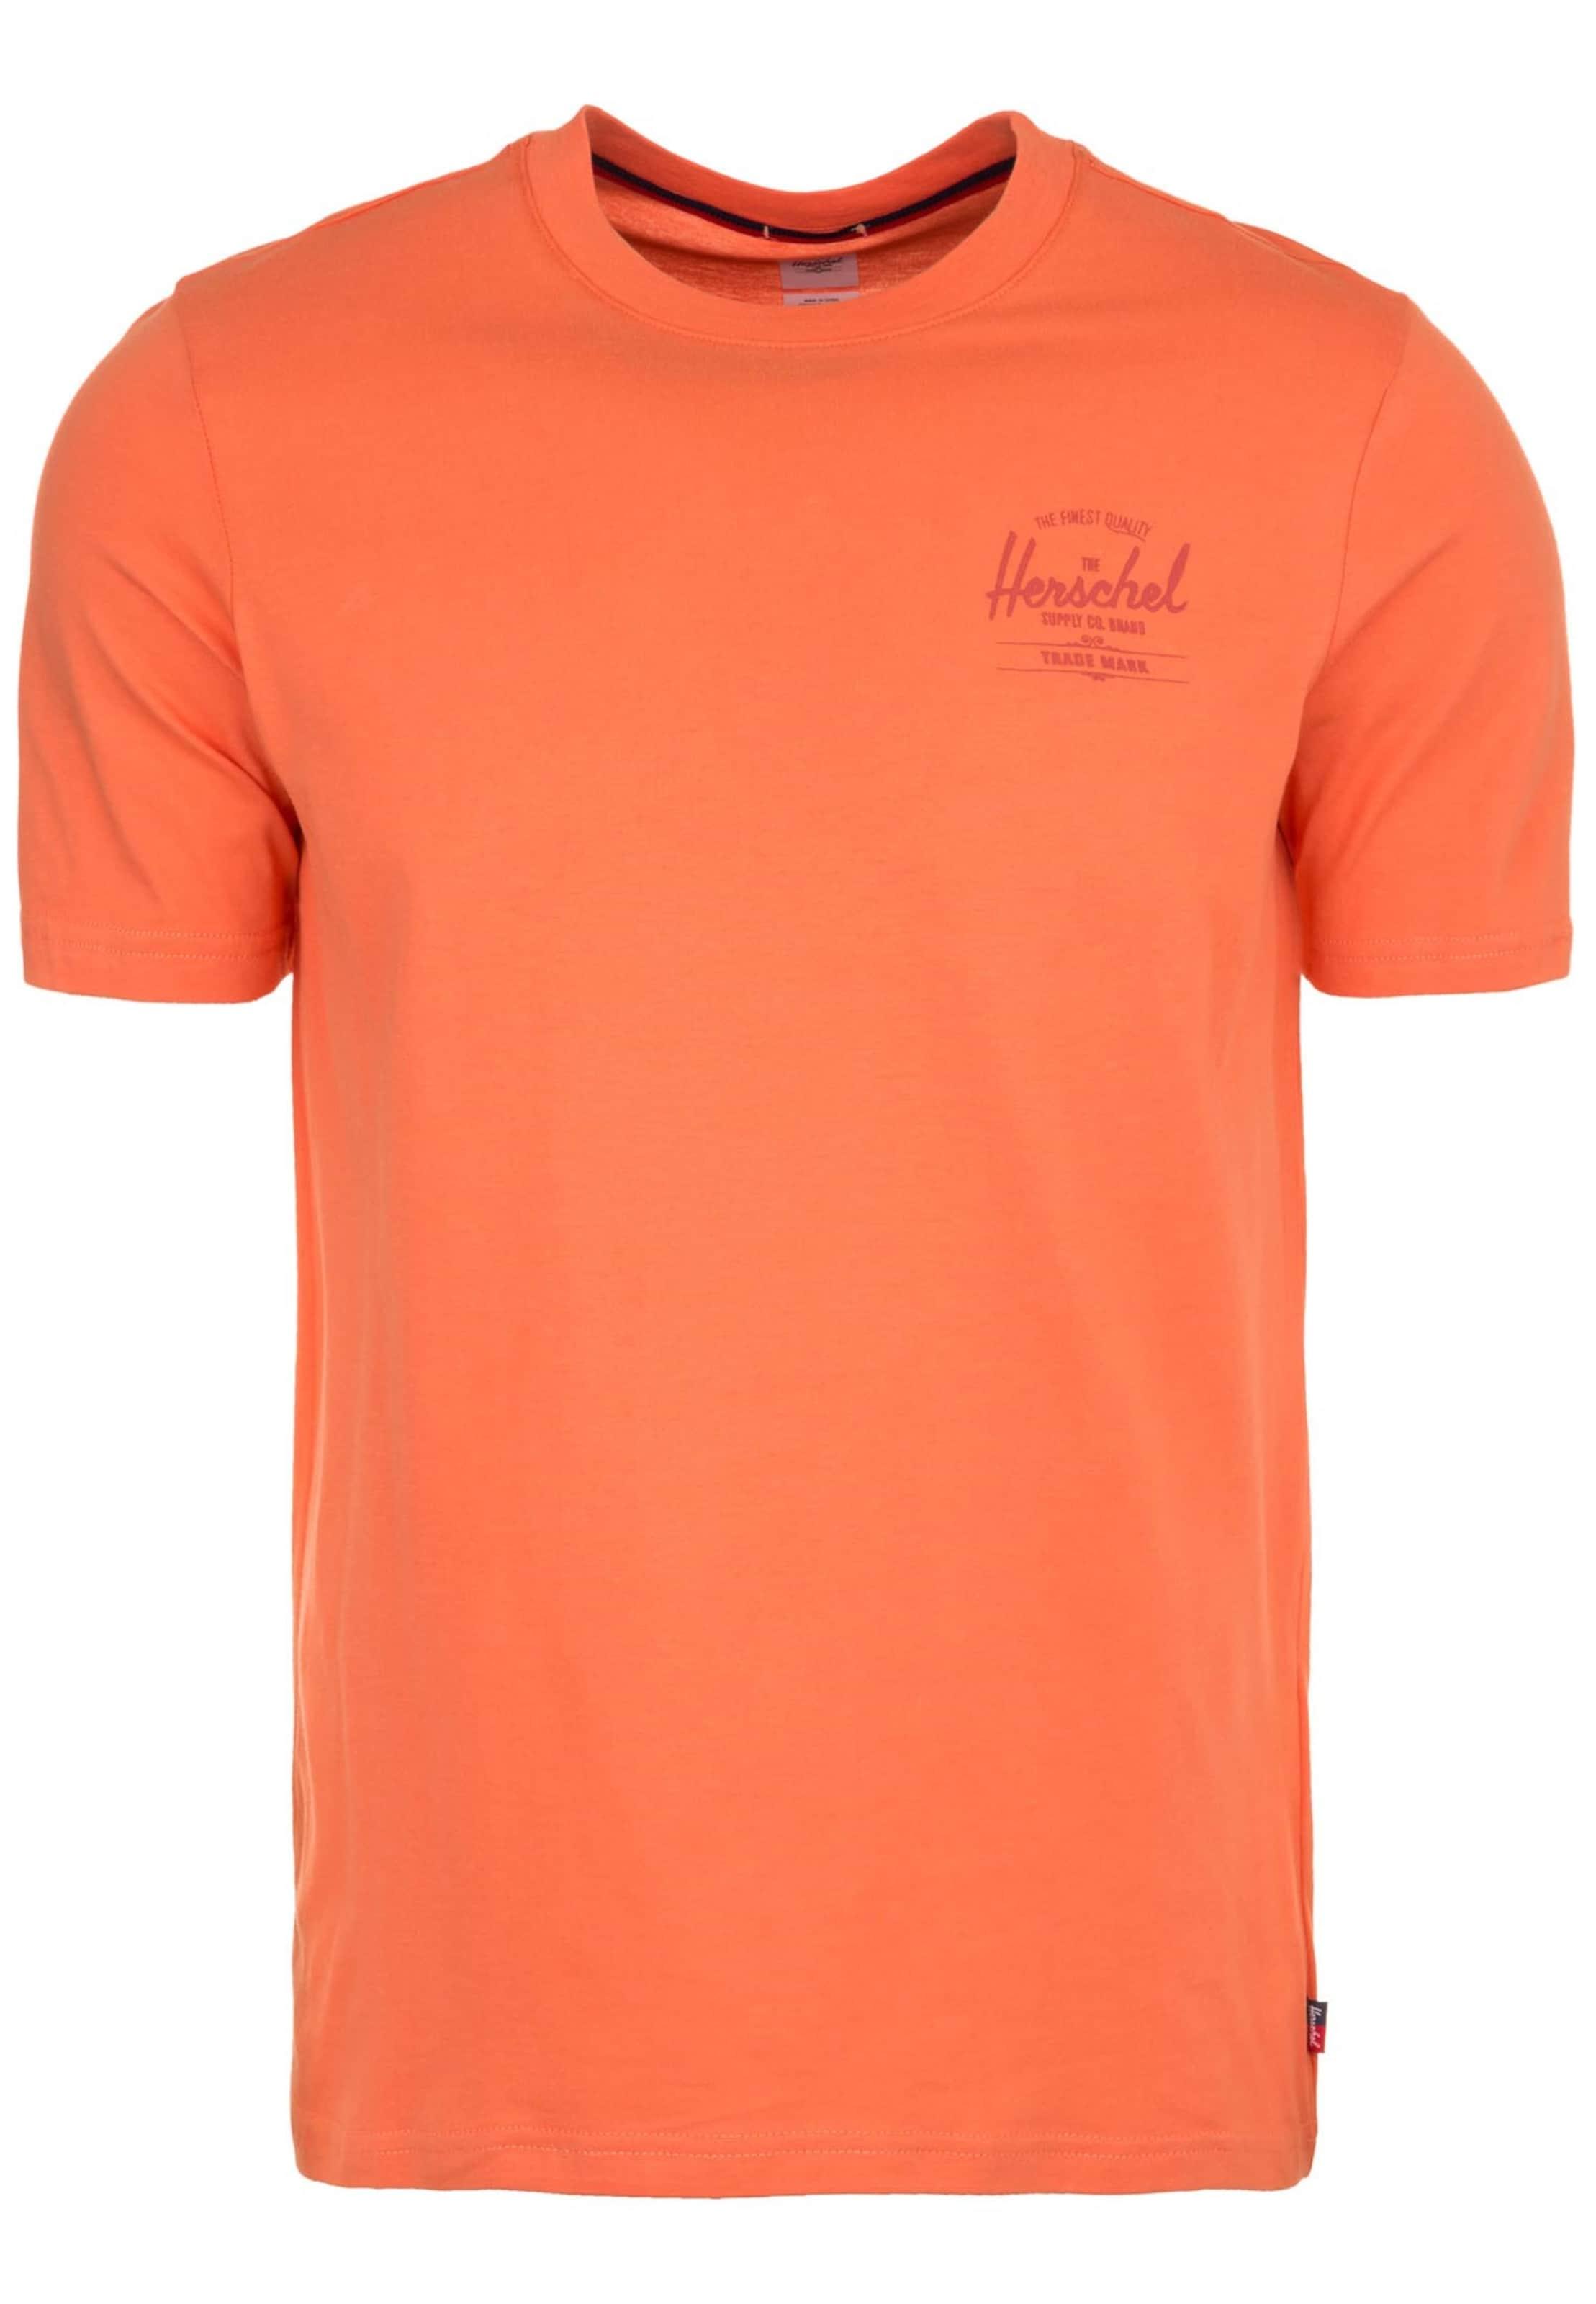 Herschel shirt Herschel En T Corail Corail shirt En T Herschel shirt T DYW9E2HI